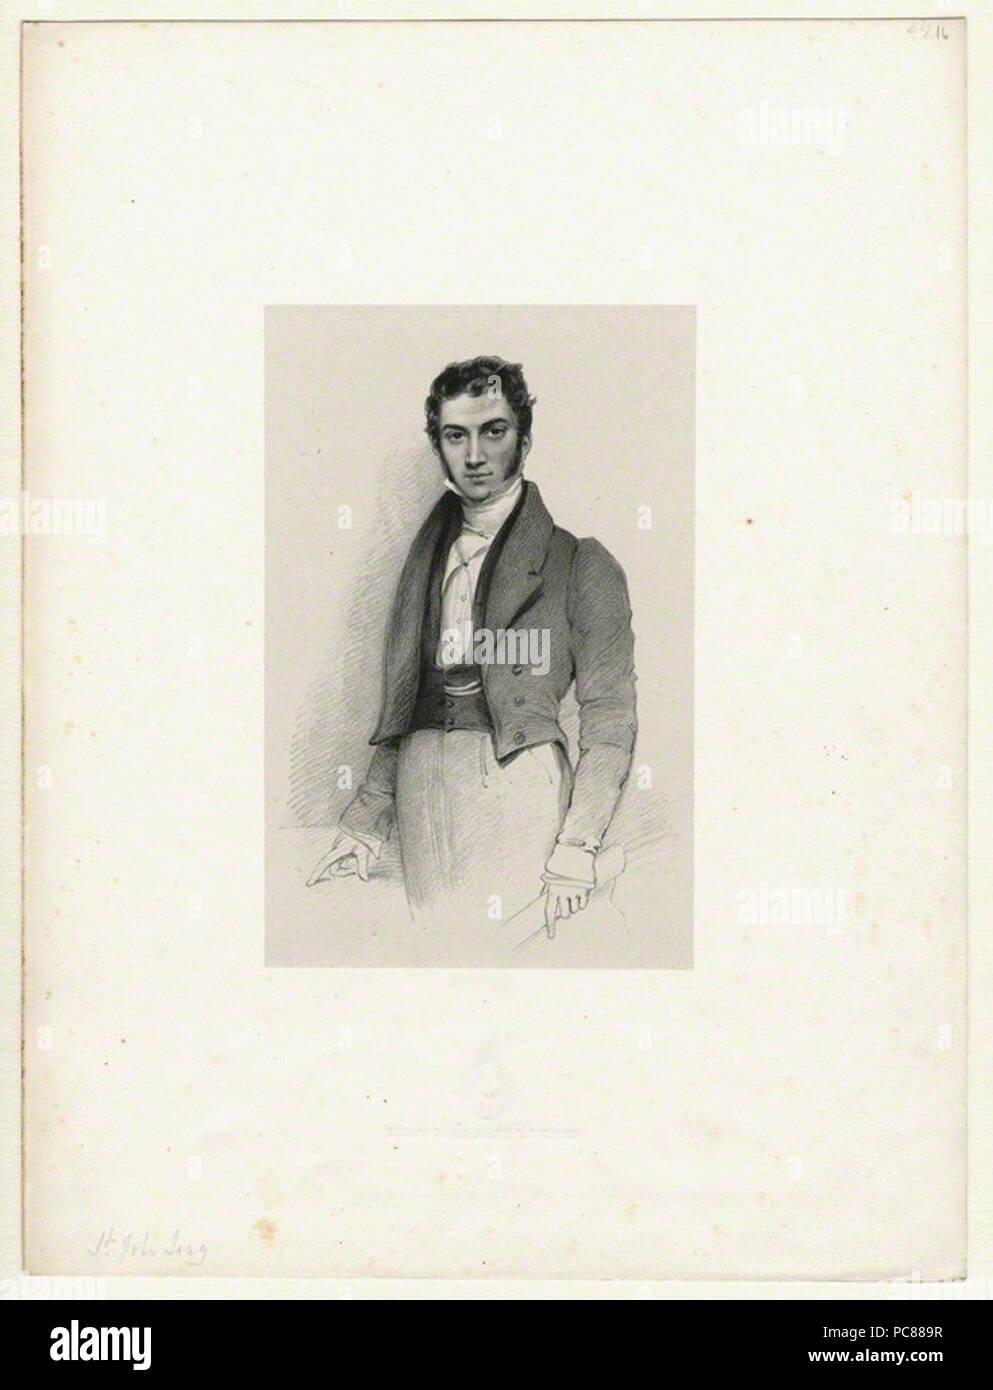 by Richard James Lane, lithograph, circa 1825-1850 572 St.-John-Long-portrait-by-Lane - Stock Image